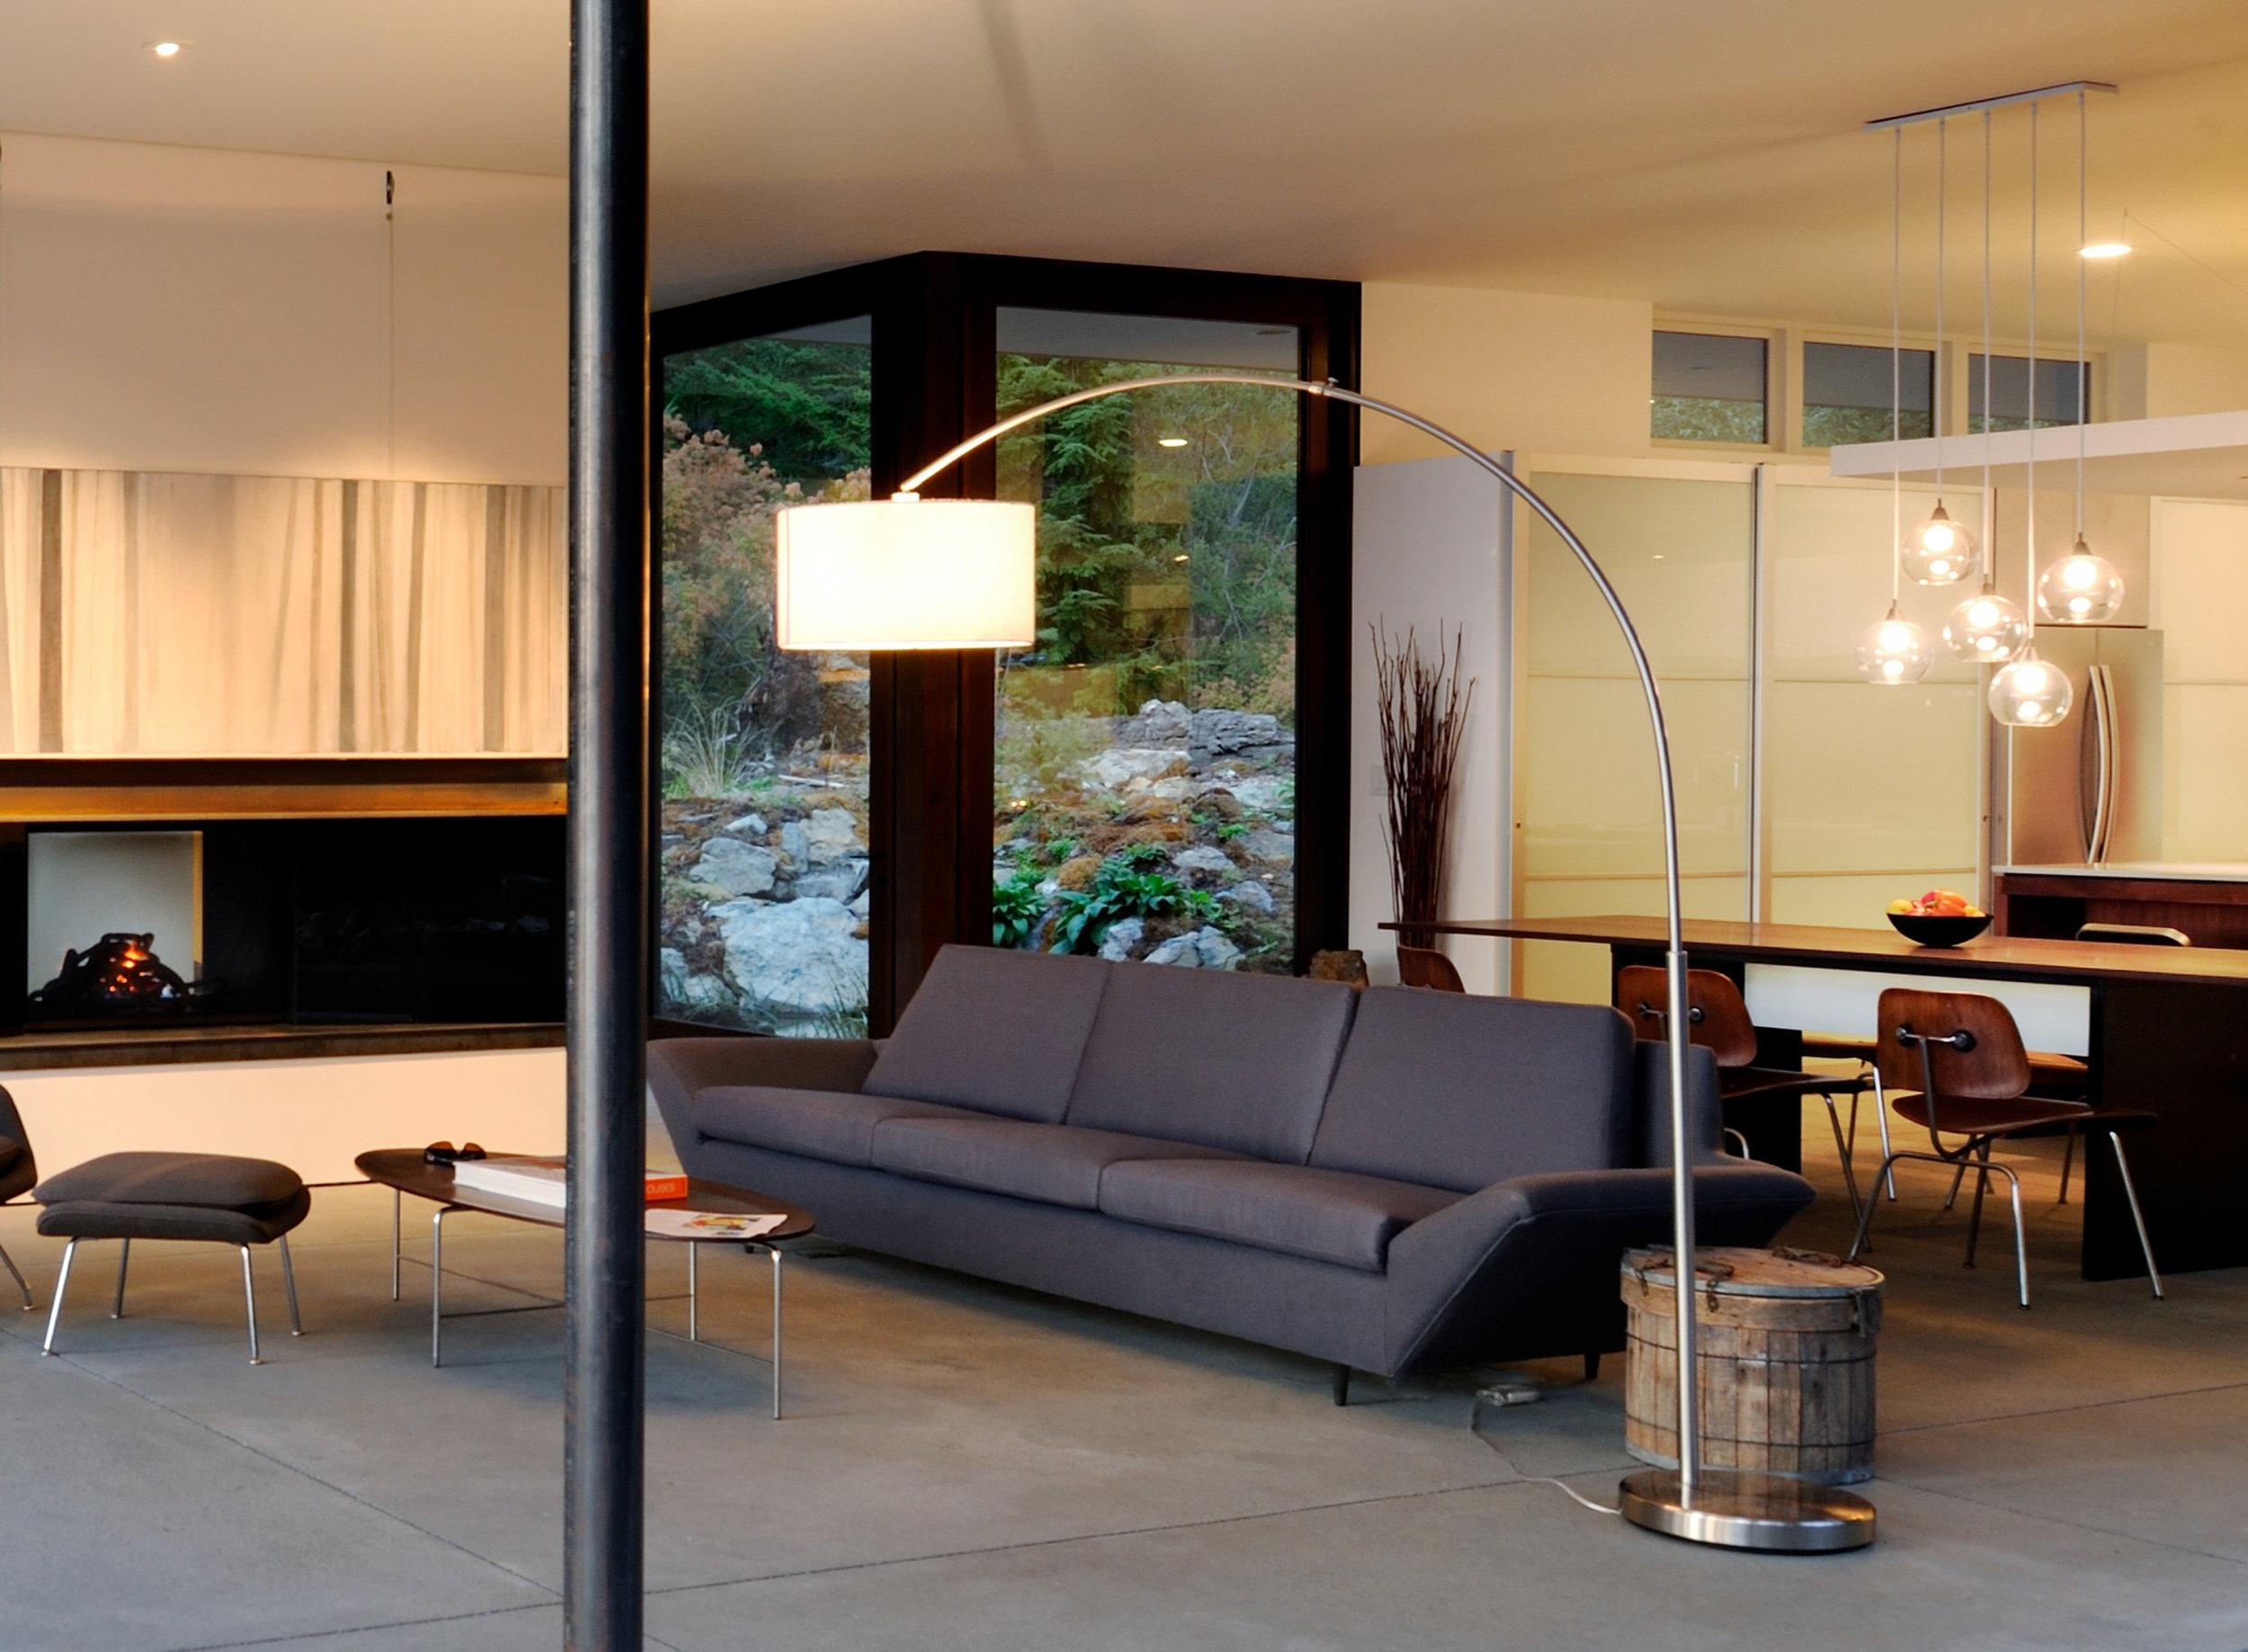 Ecobalanza Custom Sofa at EagleRidge.jpg